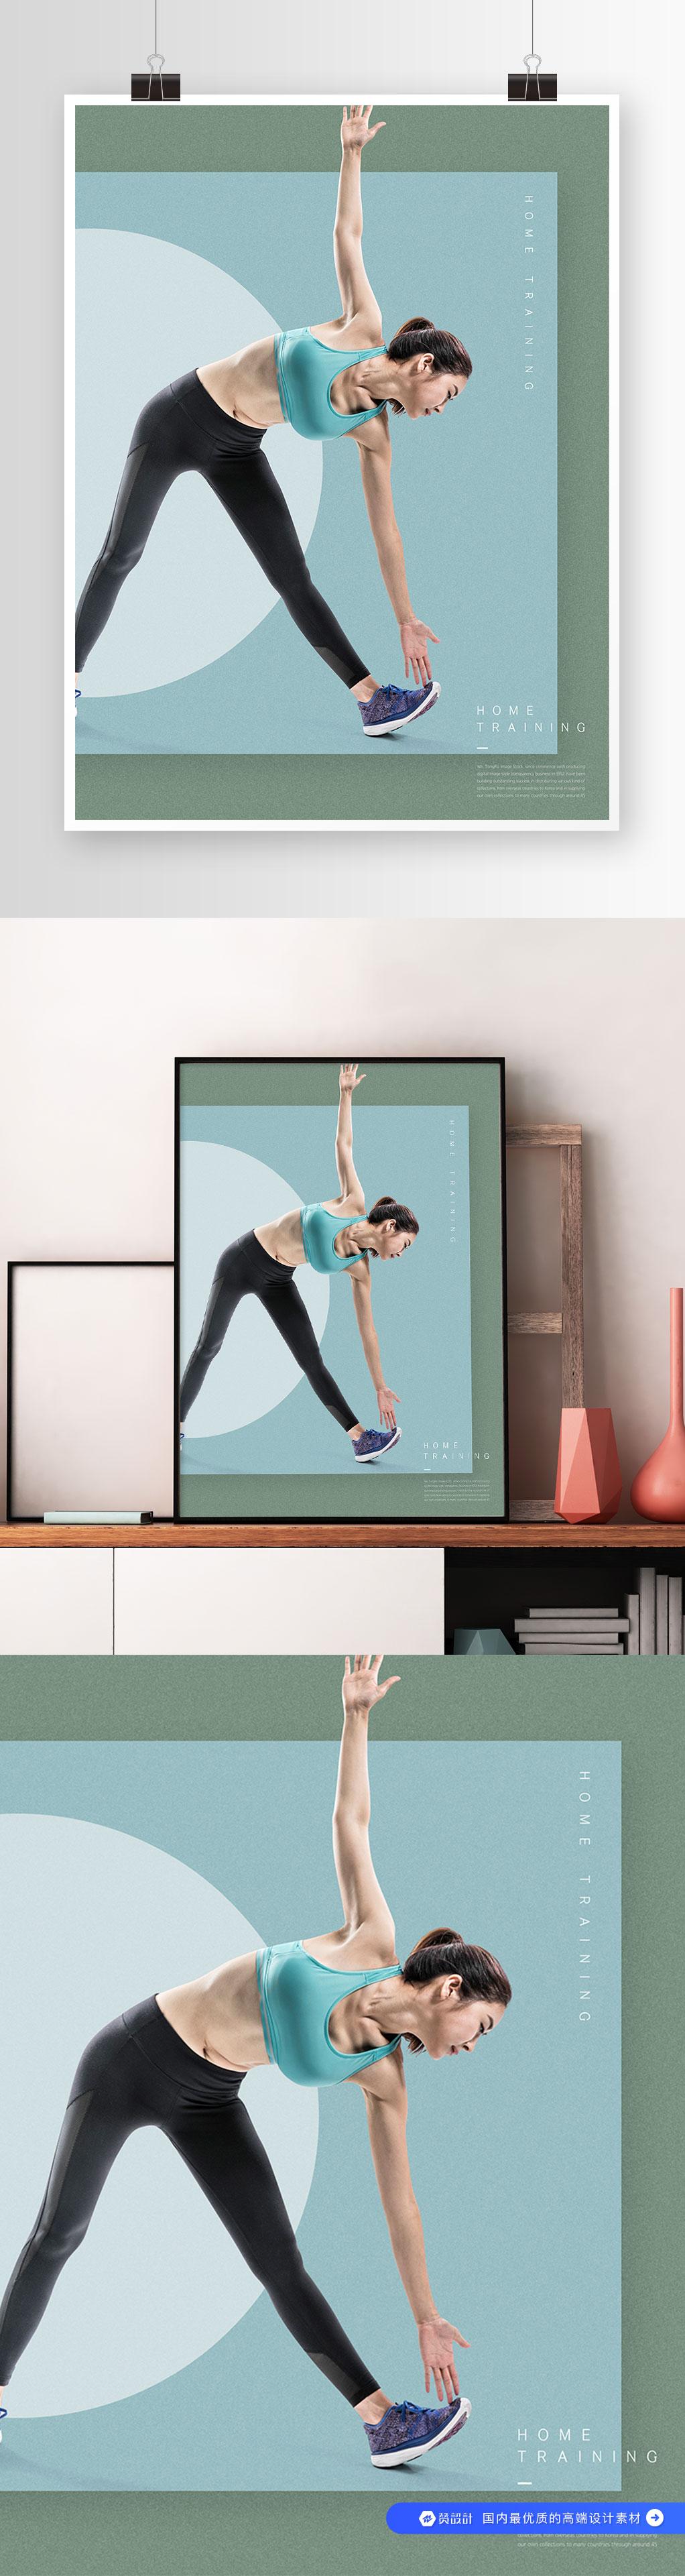 养生运动瑜伽美女健身海报设计素材(2)